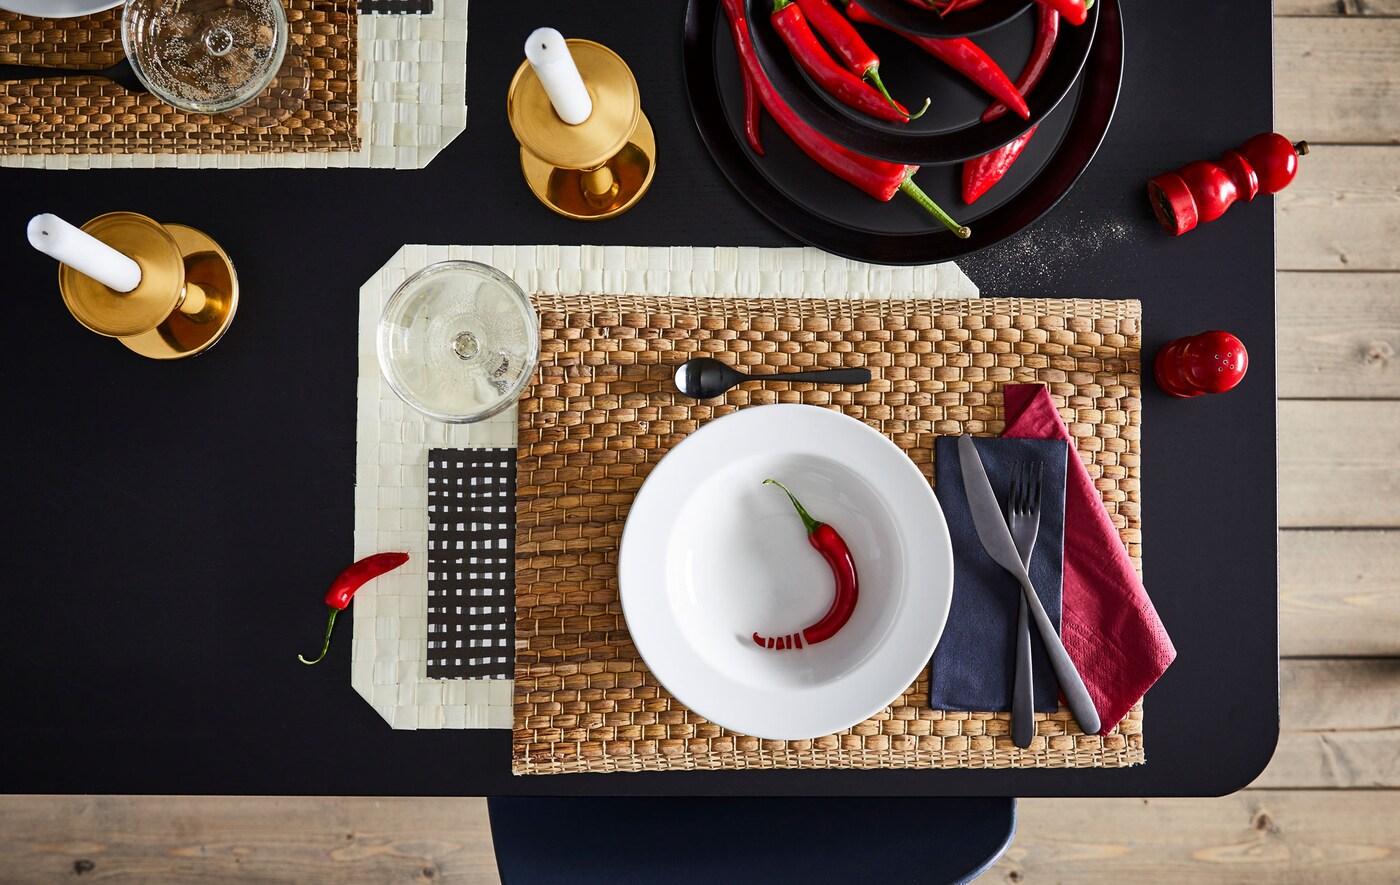 Часть обеденного стола со стильной сервировкой на одного. Отдельно стоит отметить гармоничные цвета, формы и материалы.